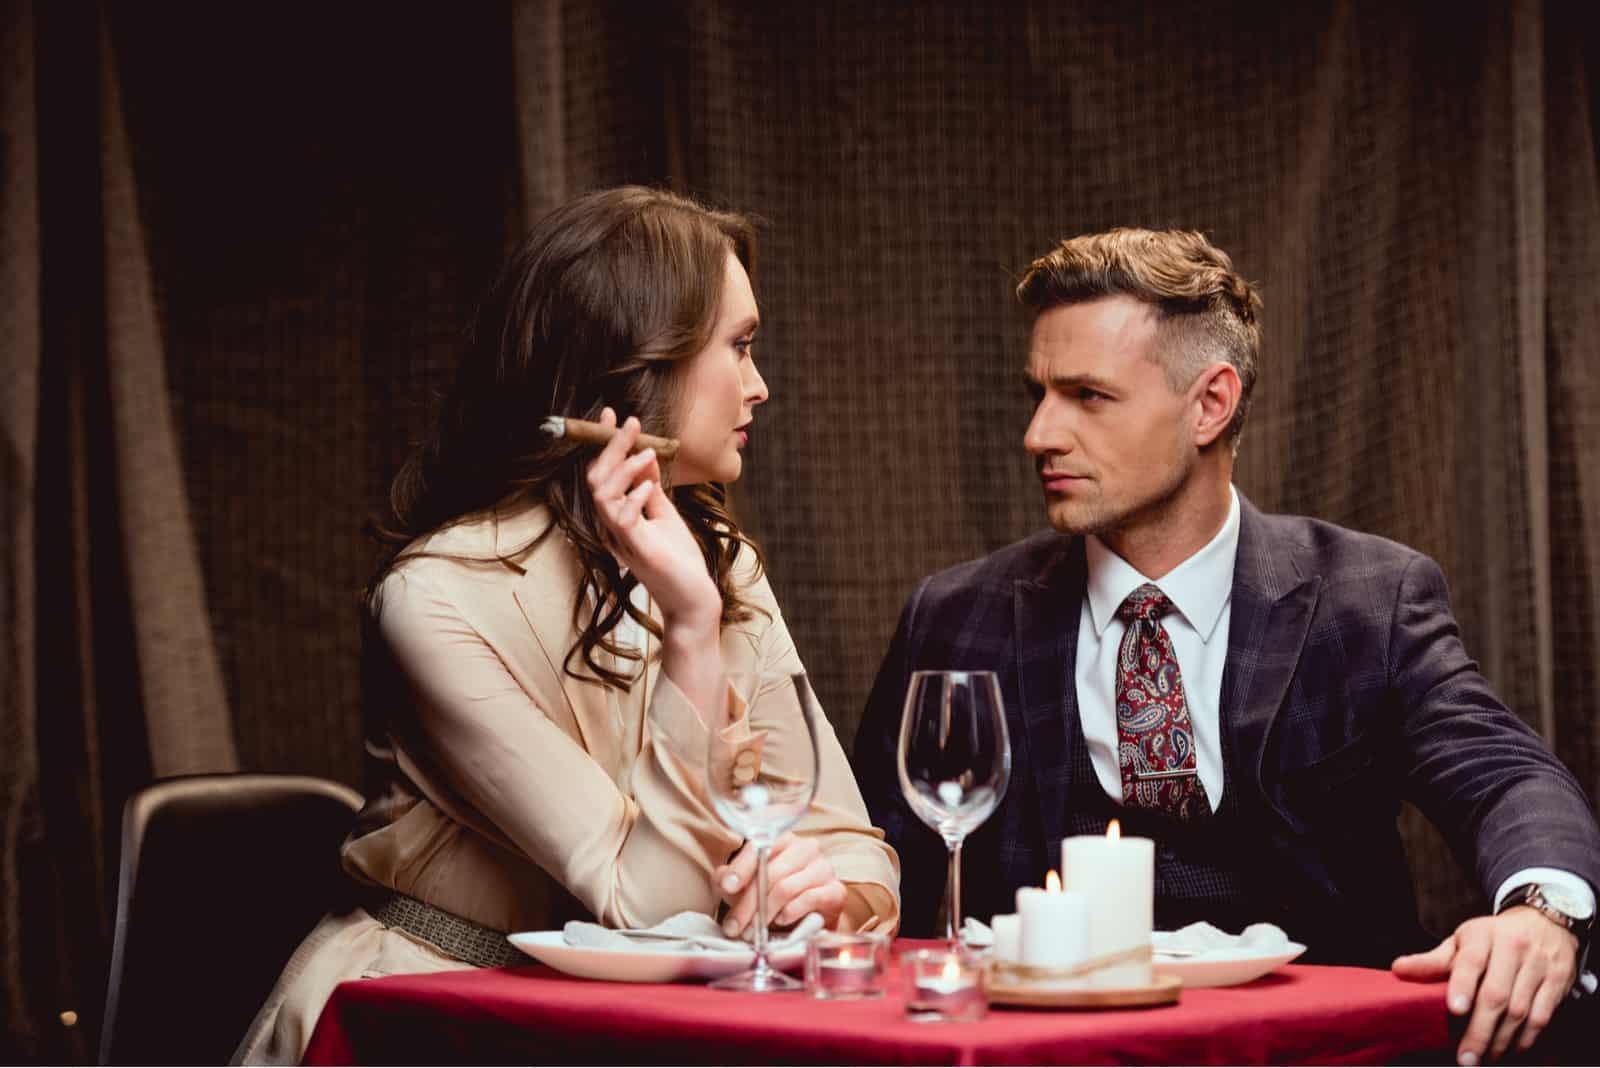 Eine Frau und ein Mann sitzen an einem Tisch, während sie eine Zigarre rauchen